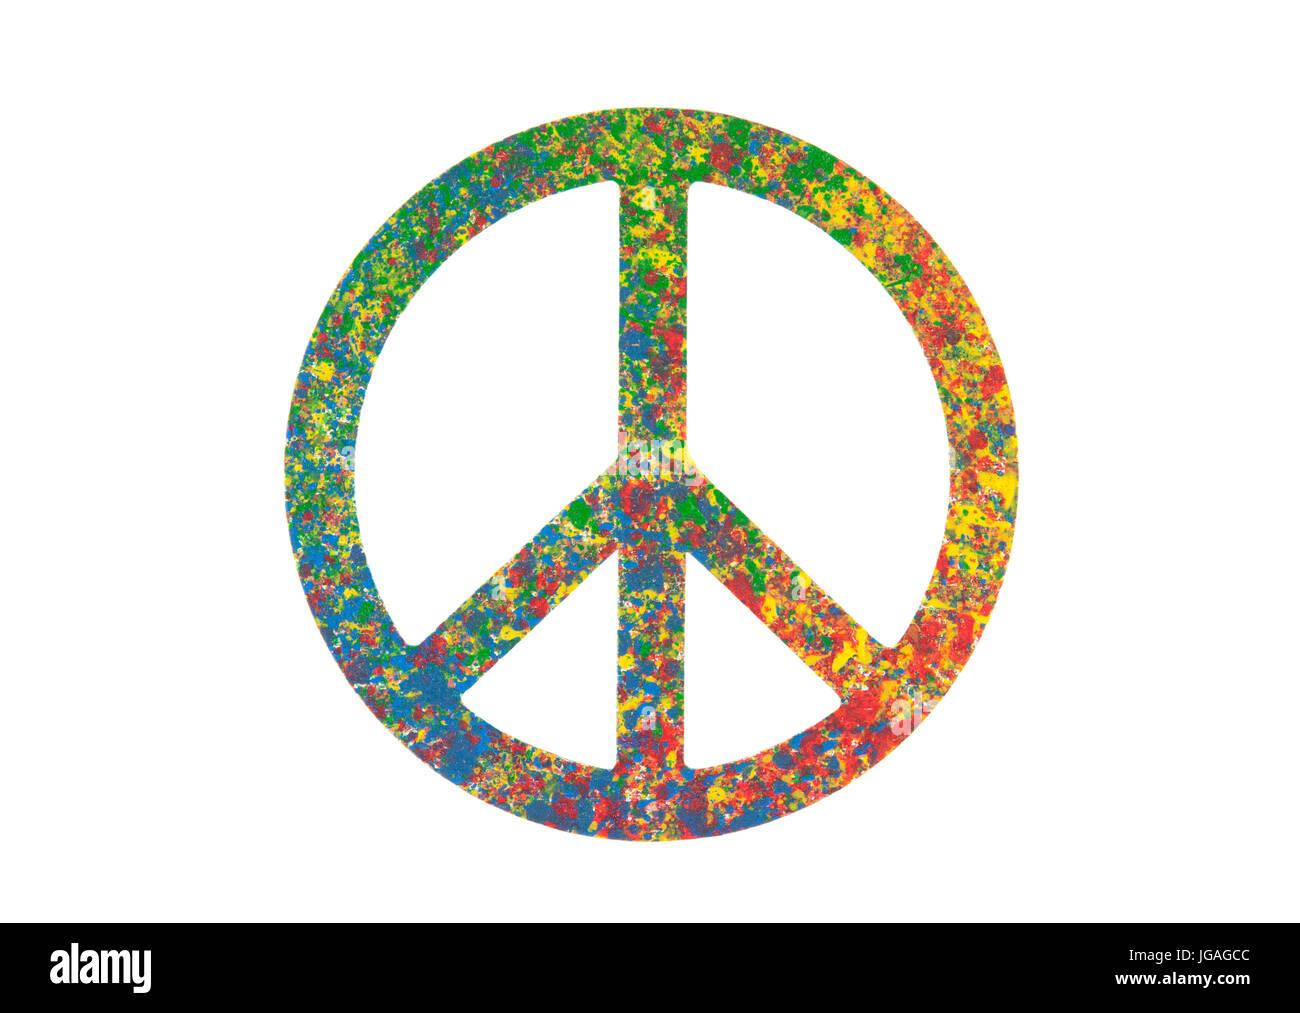 Verniciato colorato simbolo di pace isolato su bianco con tracciato di ritaglio Immagini Stock